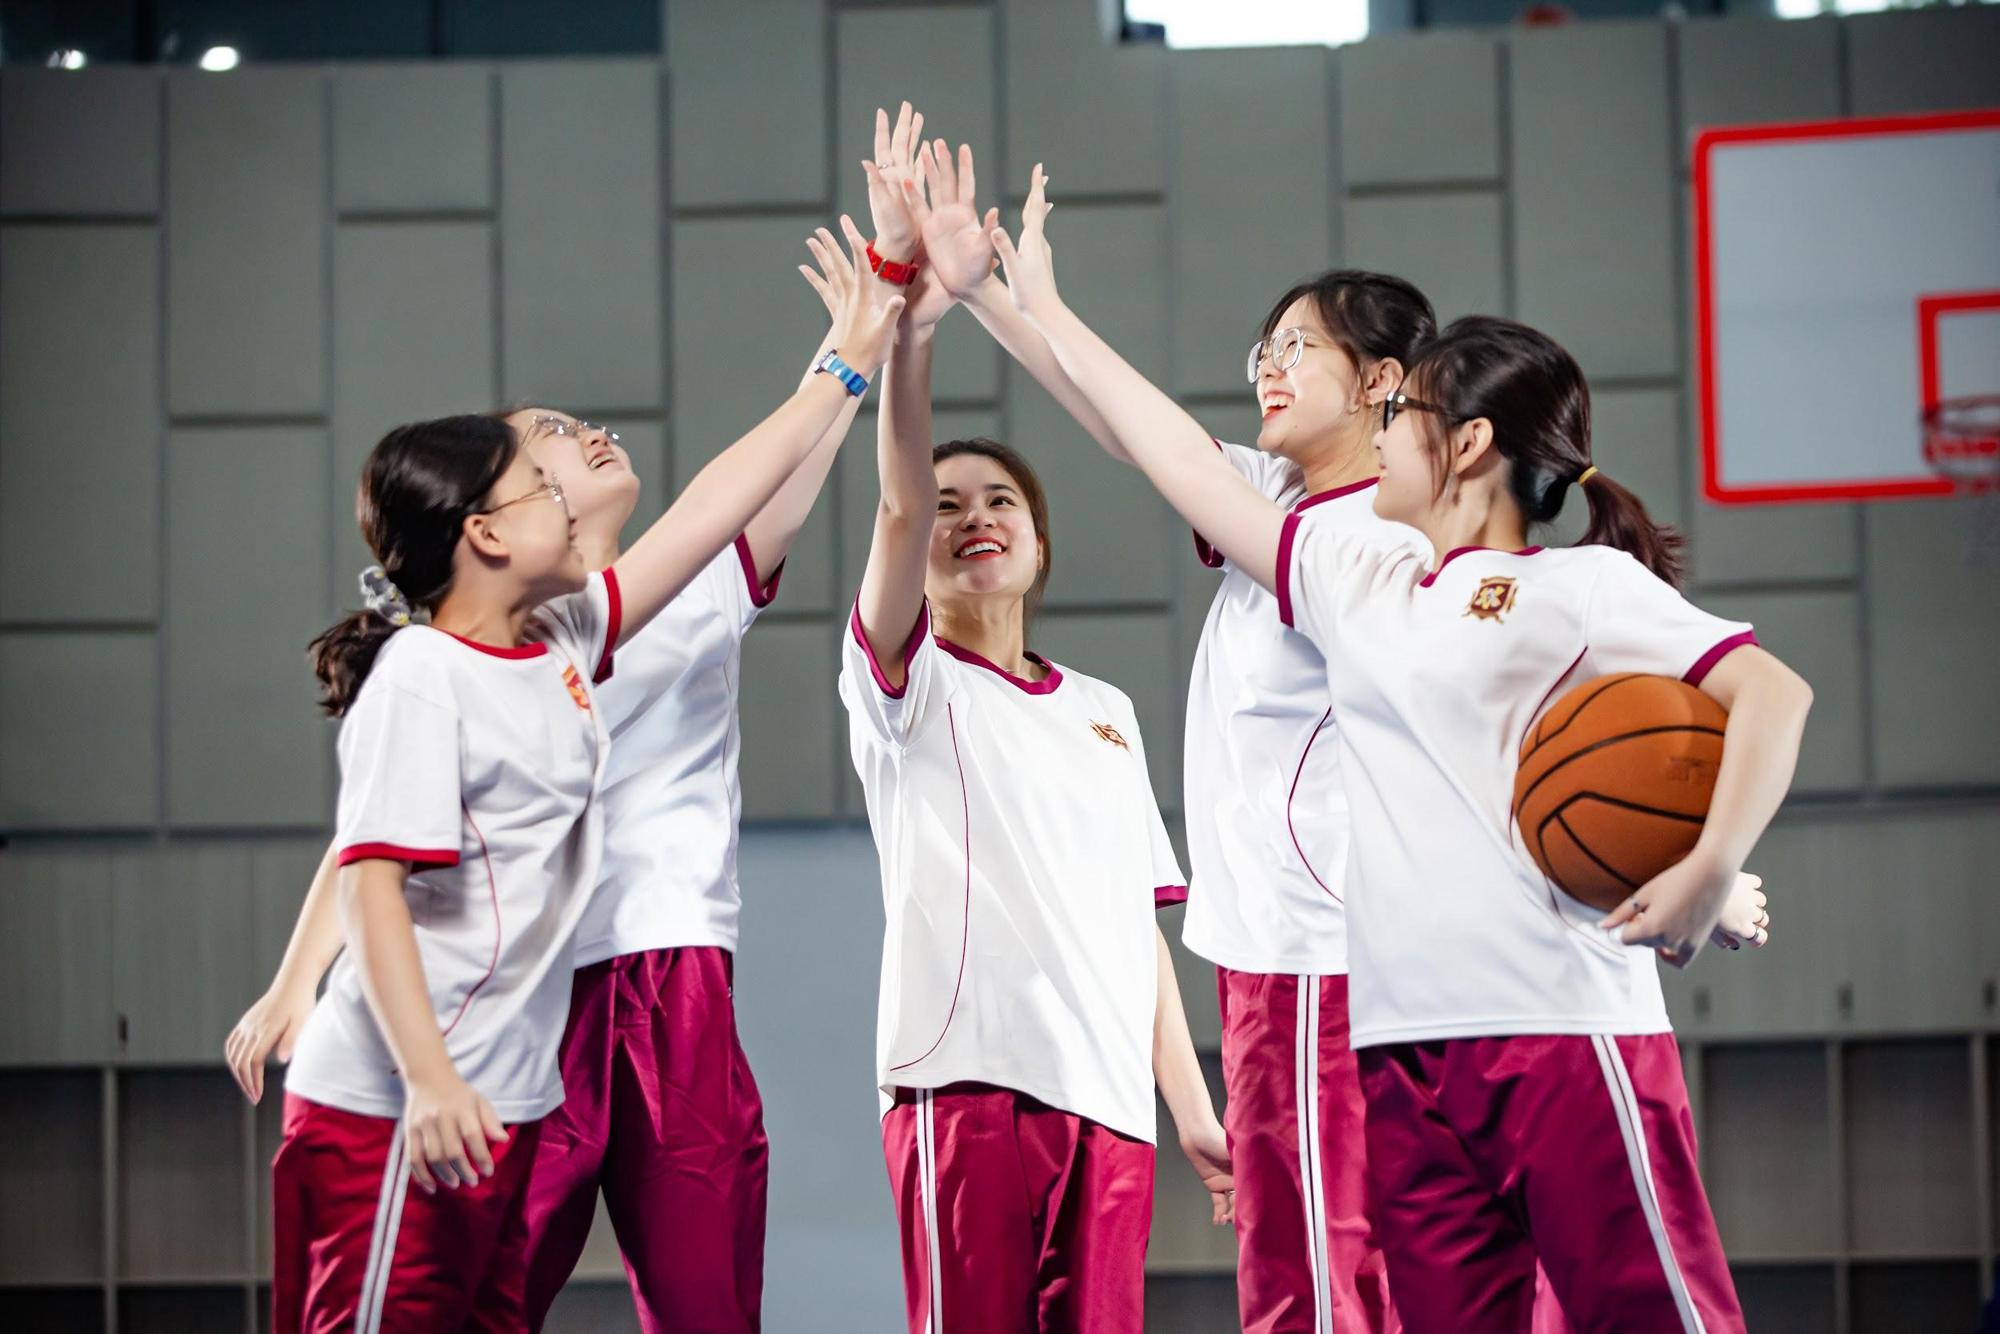 Tham gia trại hè VAS, trẻ được học các môn thể thao như bơi lội, bóng đá, bóng rổ, cầu lông, cờ vua...